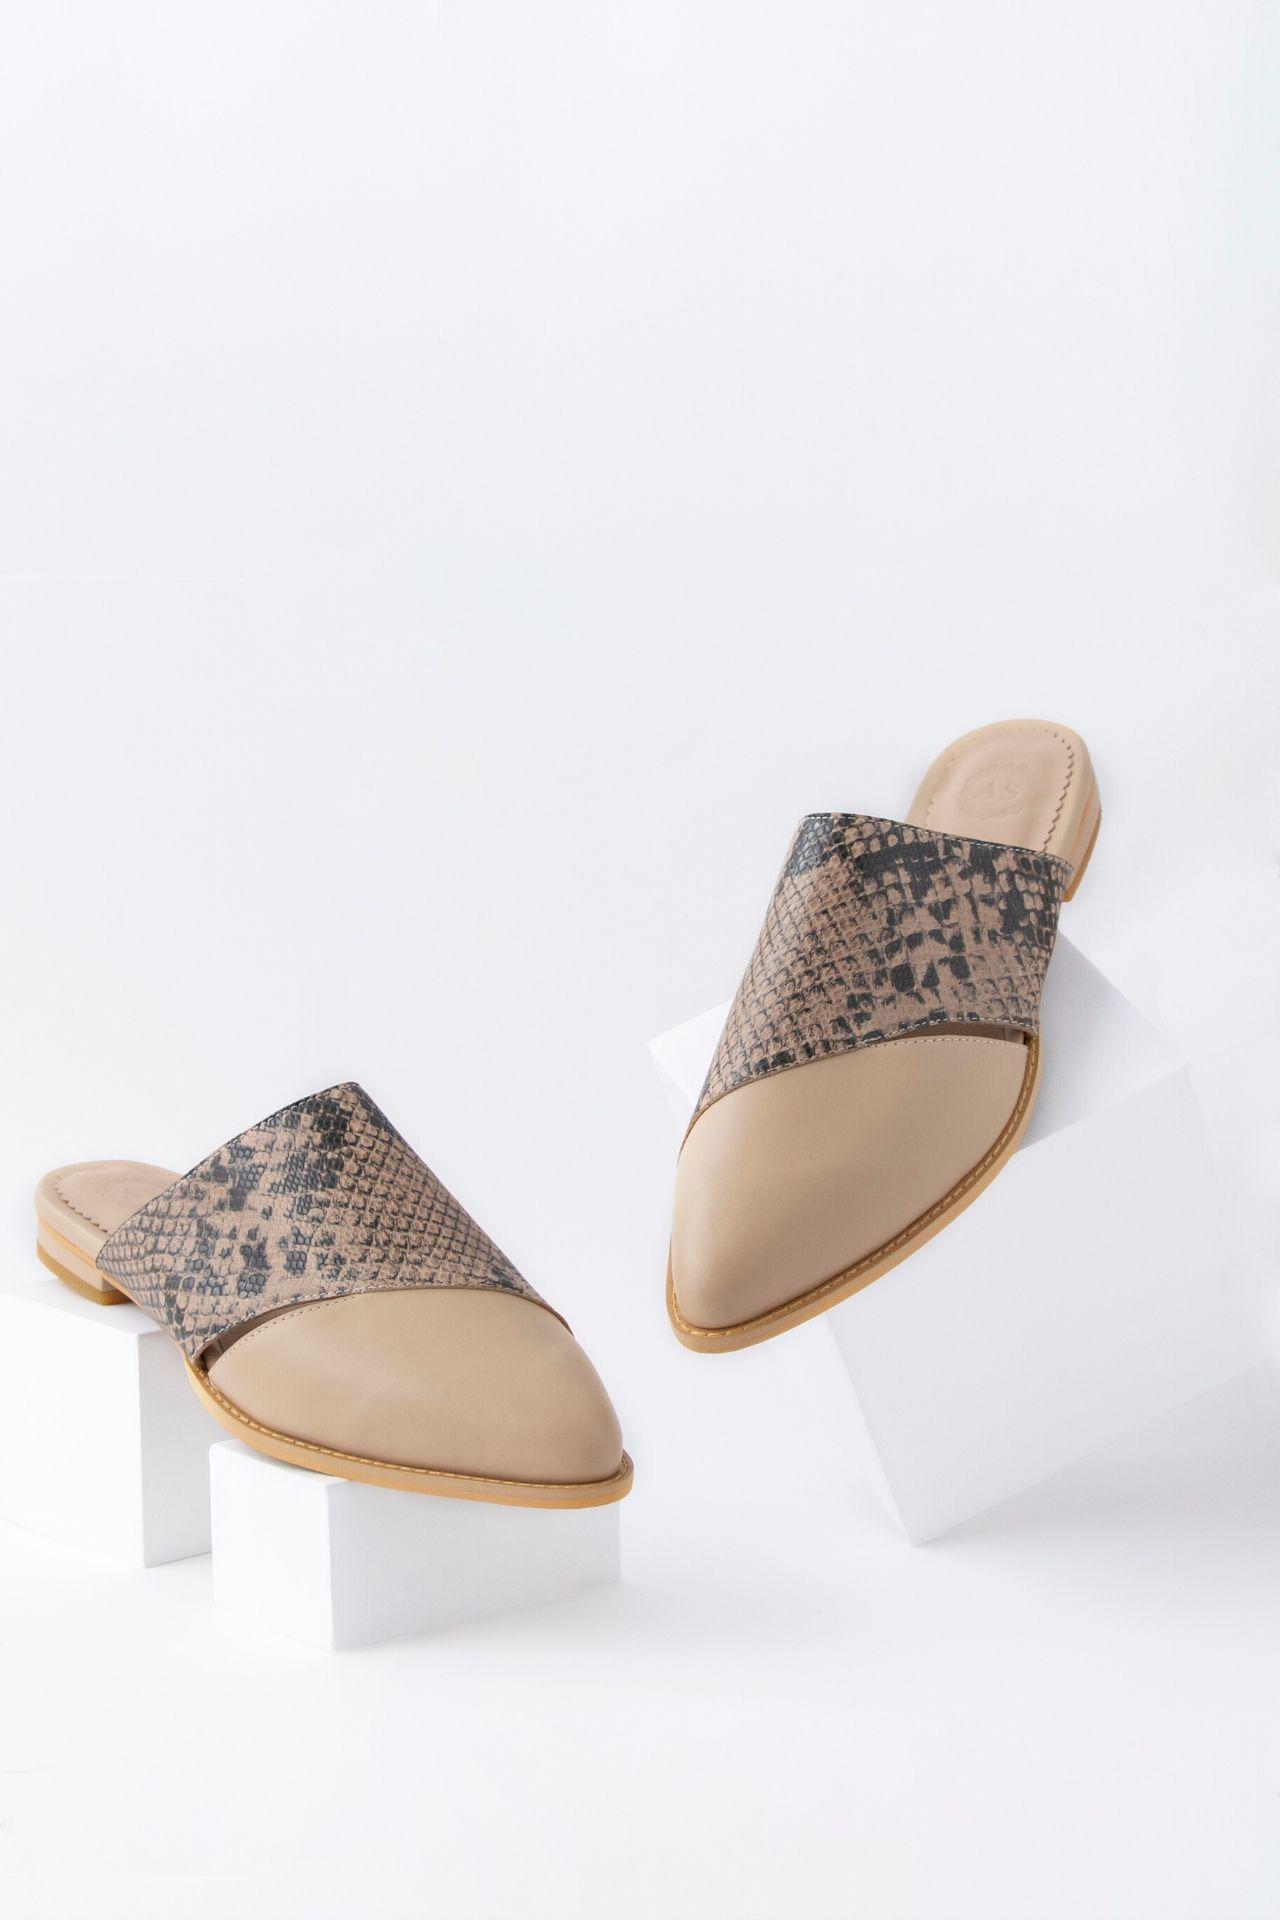 Zapatos 100% manufacturados a mano con cuero noble.  Medidas:  35: 24 cm  36: 24.5 cm  37: 25 cm  38: 26 cm  39: 26.5 cm  40: 27 cm  La horma es exacta, en esta marca serías la misma talla que usas normalmente.